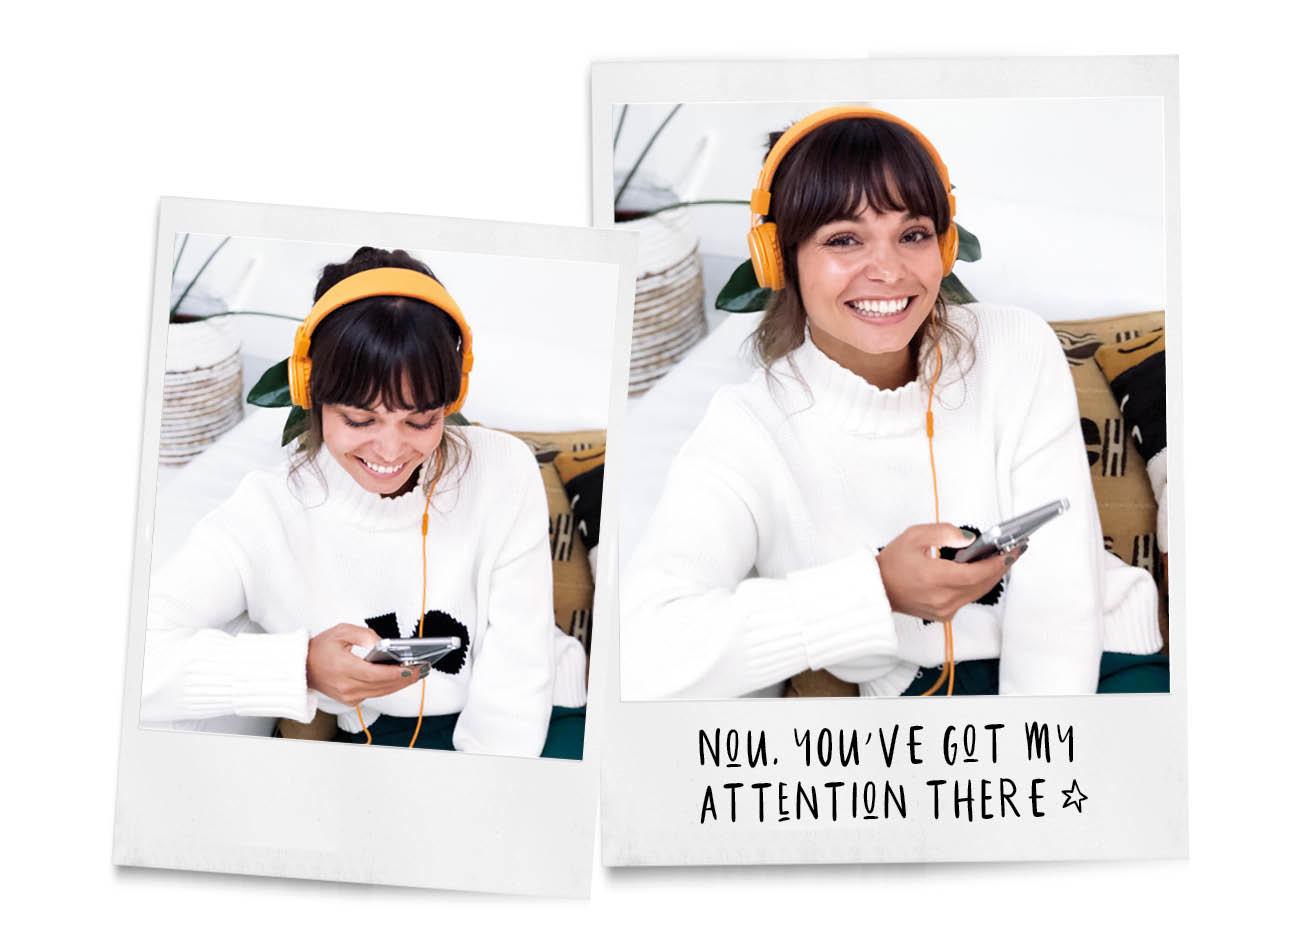 beelden van kiki die met een oranje koptelefoon op de bank zit en lacht